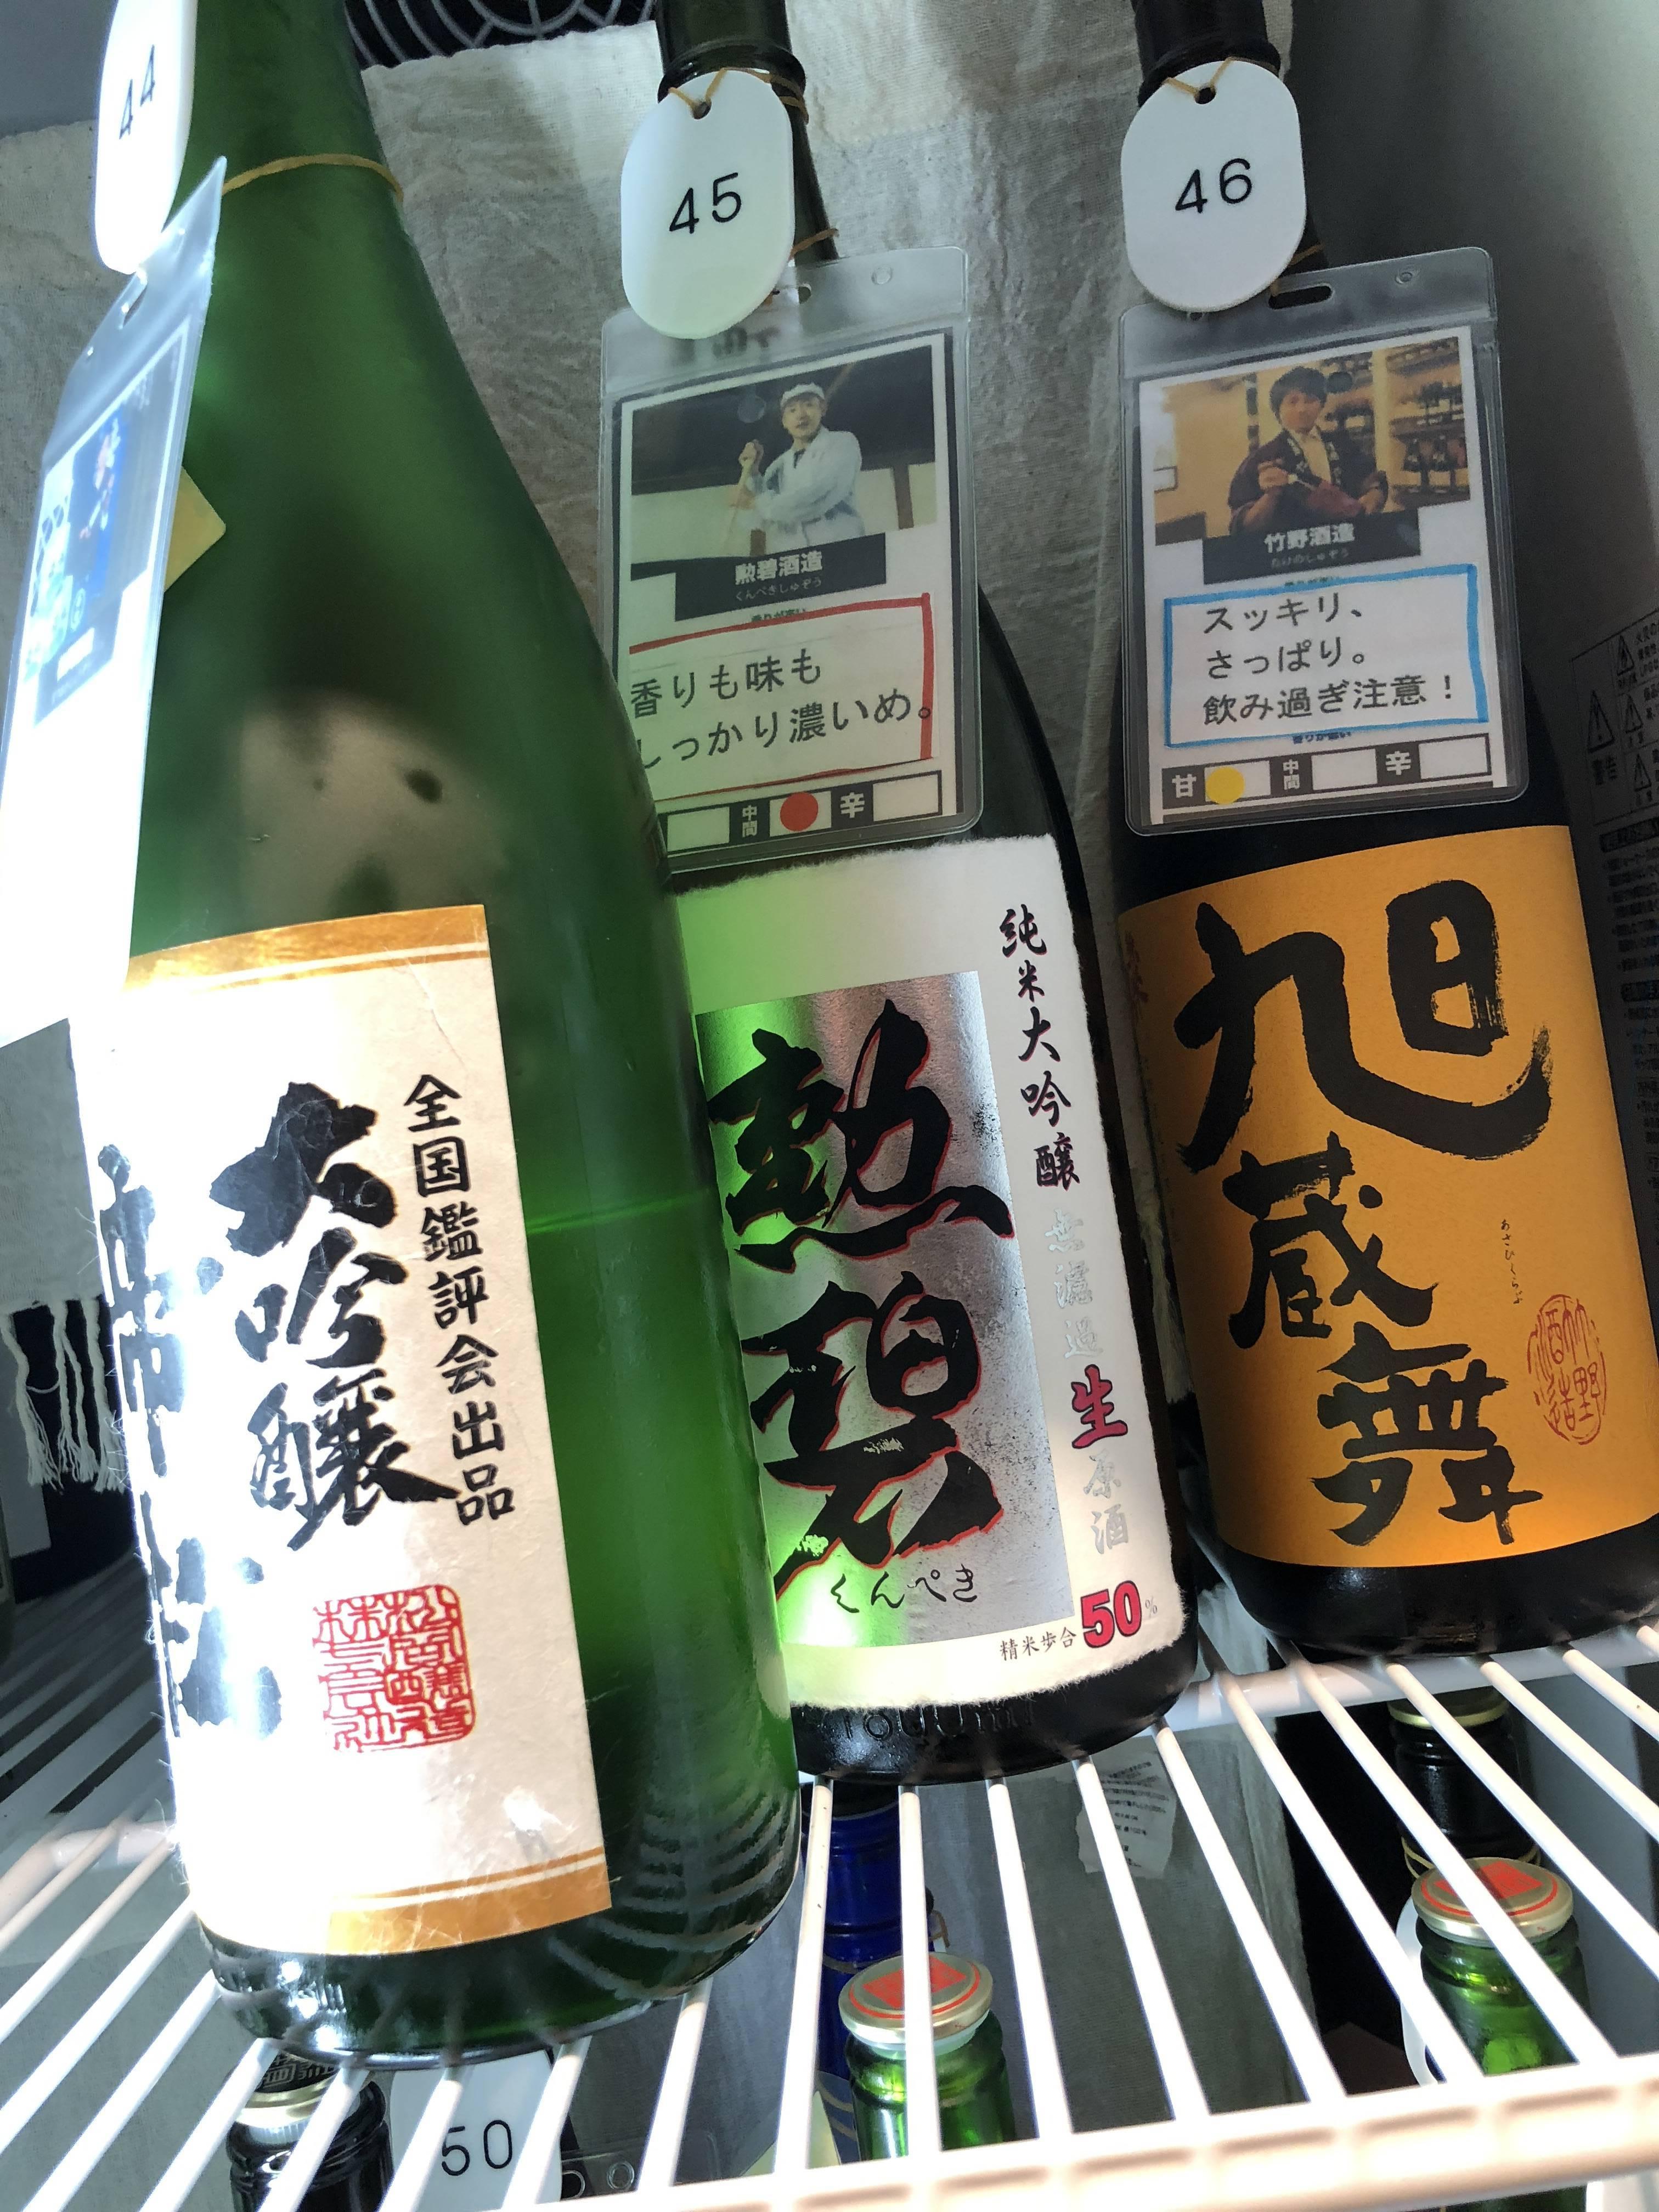 新宿、渋谷、横浜で宅飲み女子会風!?【SHUGAR MARKET】_1_4